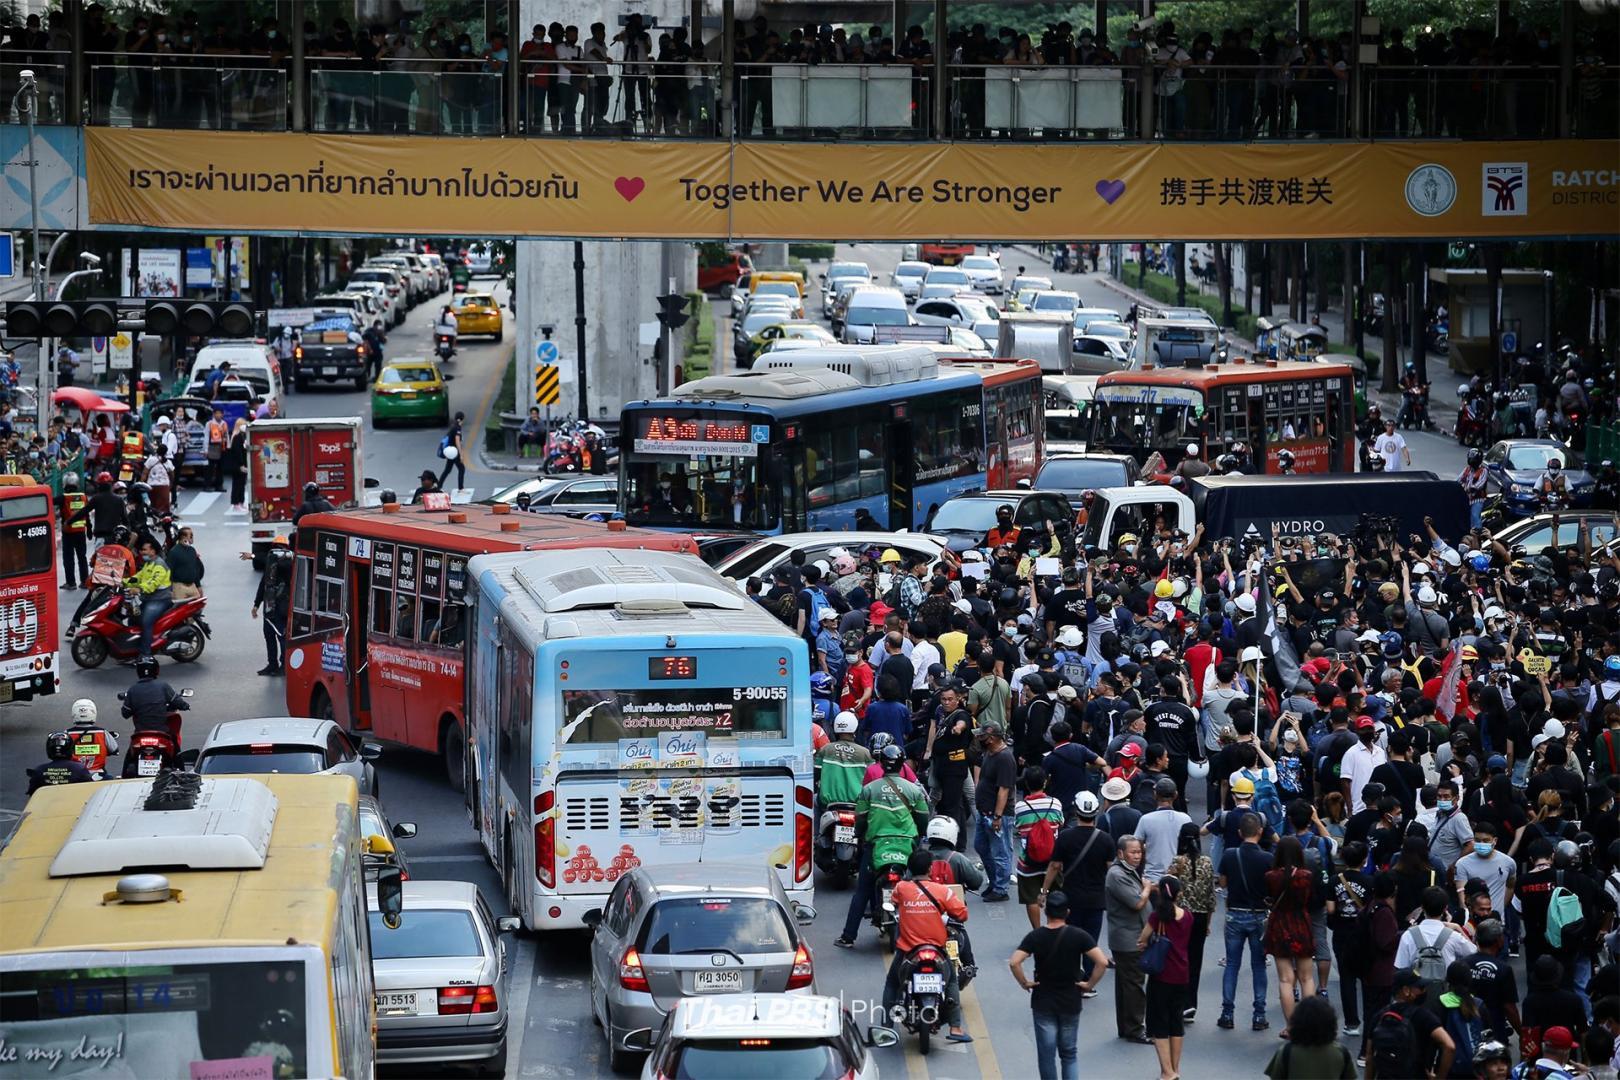 不满泰国国会否决修宪案 示威者包围警察总部